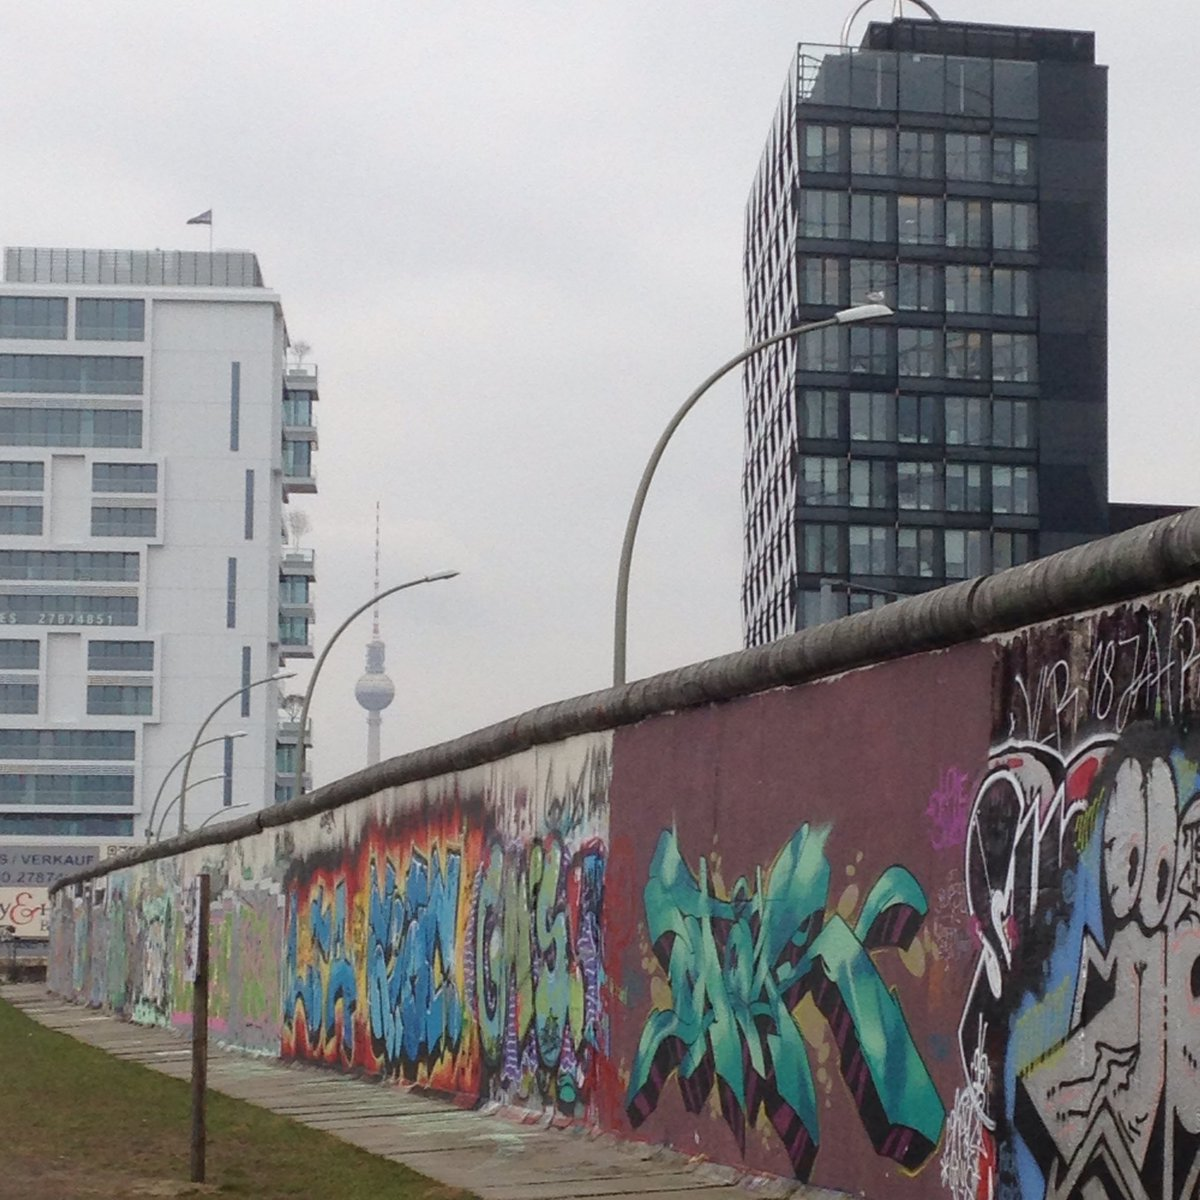 Missing this city #Berlin #takemeback #streetart #eastsidegallery https://t.co/ZuYzR2M09S